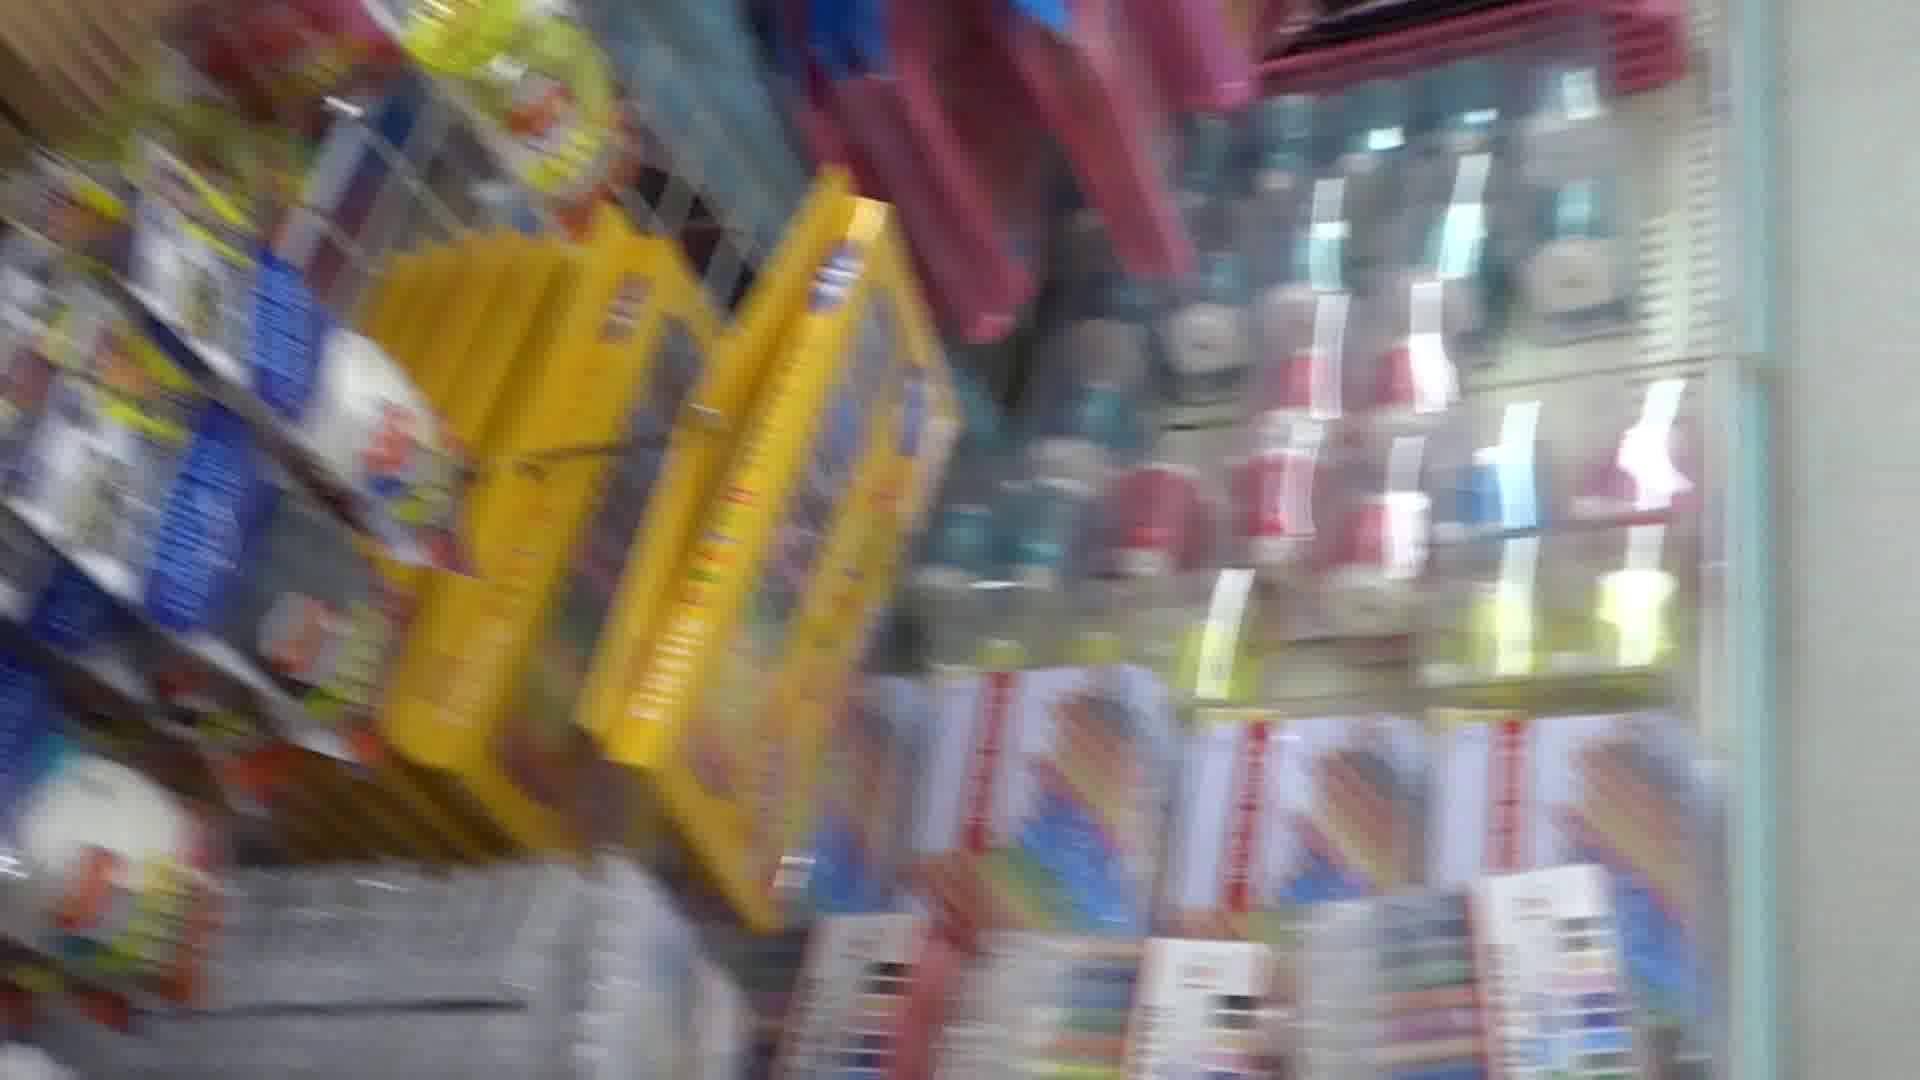 近所のお店は危険がイッパイ vol.8 OLセックス   0  88画像 73